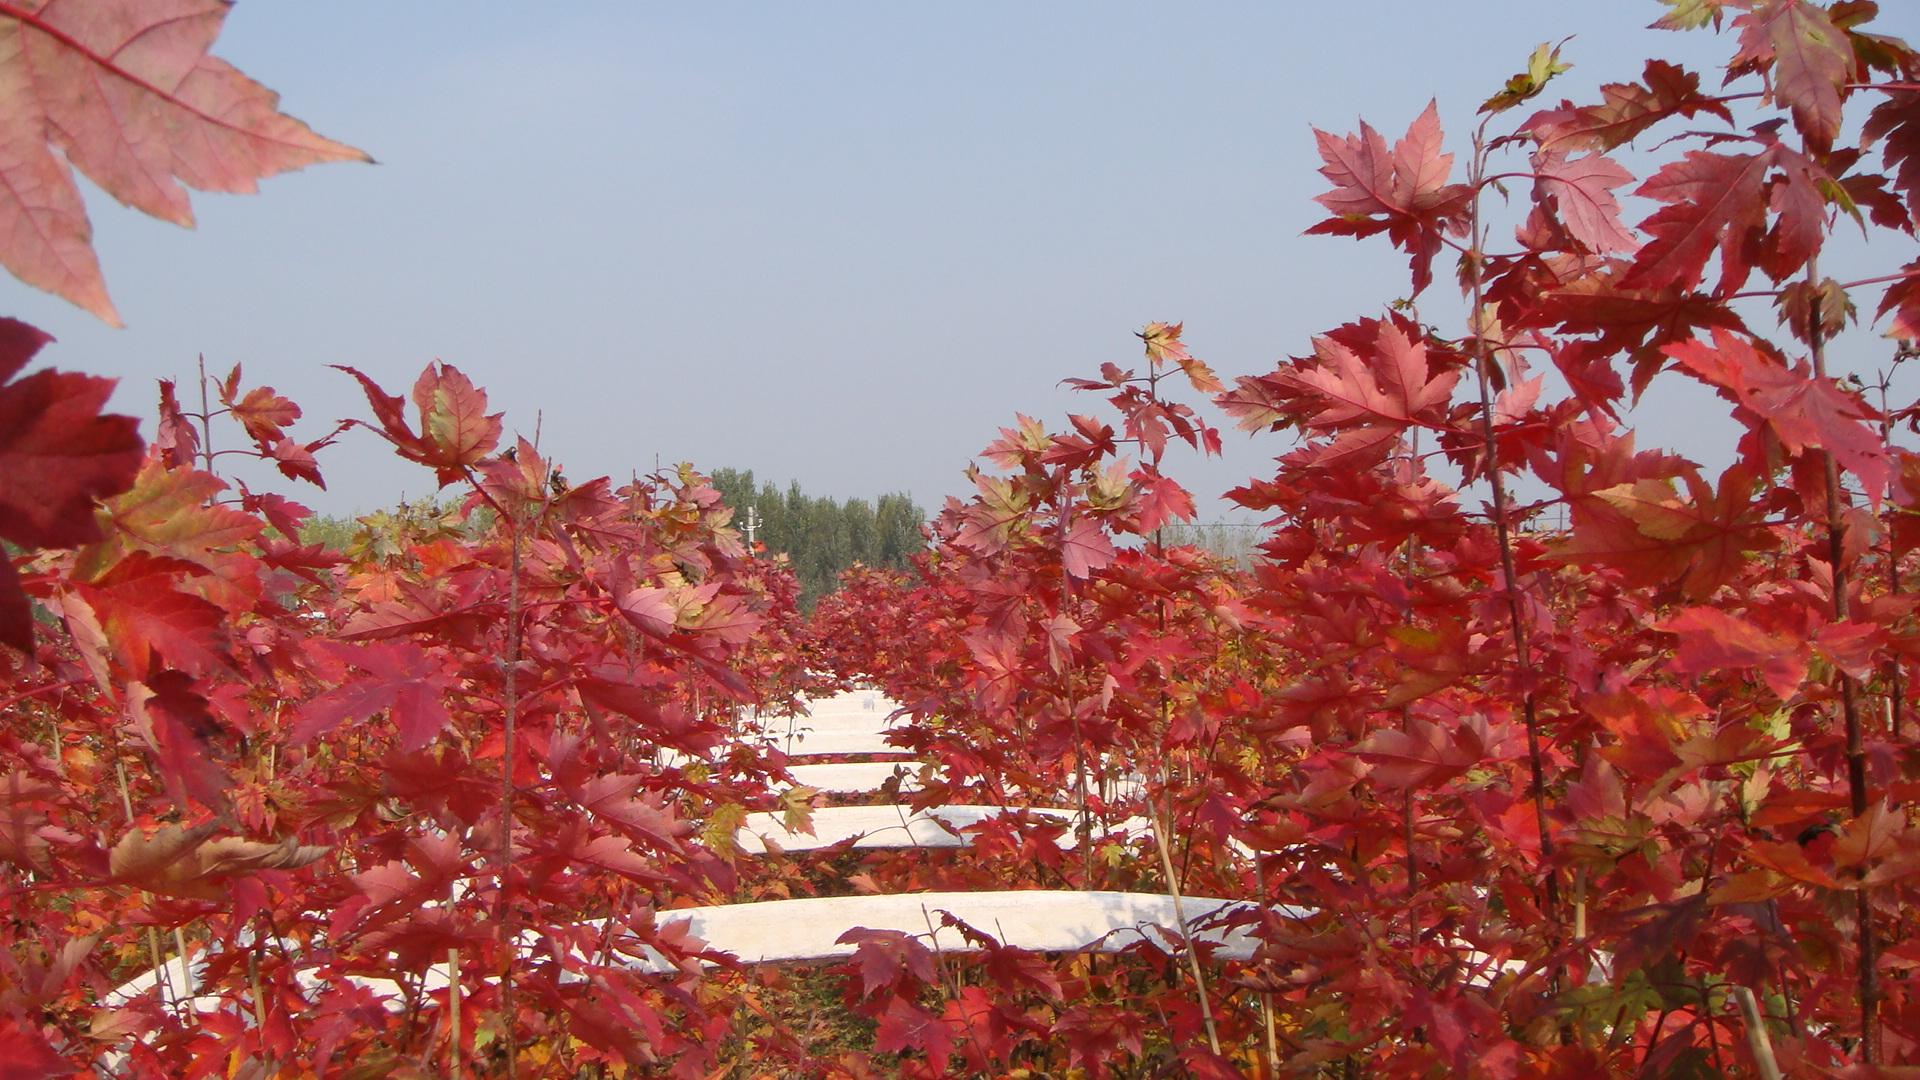 美国红枫又名红花槭,槭树科槭树属。落叶大乔木,树高12-18米,高可达27米,冠幅达10余米,树型直立向上,树冠呈椭圆形或圆形,开张优美。单叶对生,叶片3-5裂,手掌状,叶长10厘米,叶表面亮绿色,叶背泛白,新生叶正面呈微红色,之后变成绿色,直至深绿色,叶背面是灰绿色,部分有白色绒毛。3月末至4月开花,花为红色,稠密簇生,少部分微黄色,先花后叶,叶片巨大。茎光滑,有皮孔,通常为绿色,冬季常变为红色。新树皮光滑,浅灰色。老树皮粗糙,深灰色,有鳞片或皱纹。果实为翅果,多呈微红色,成熟时变为棕色,长2.